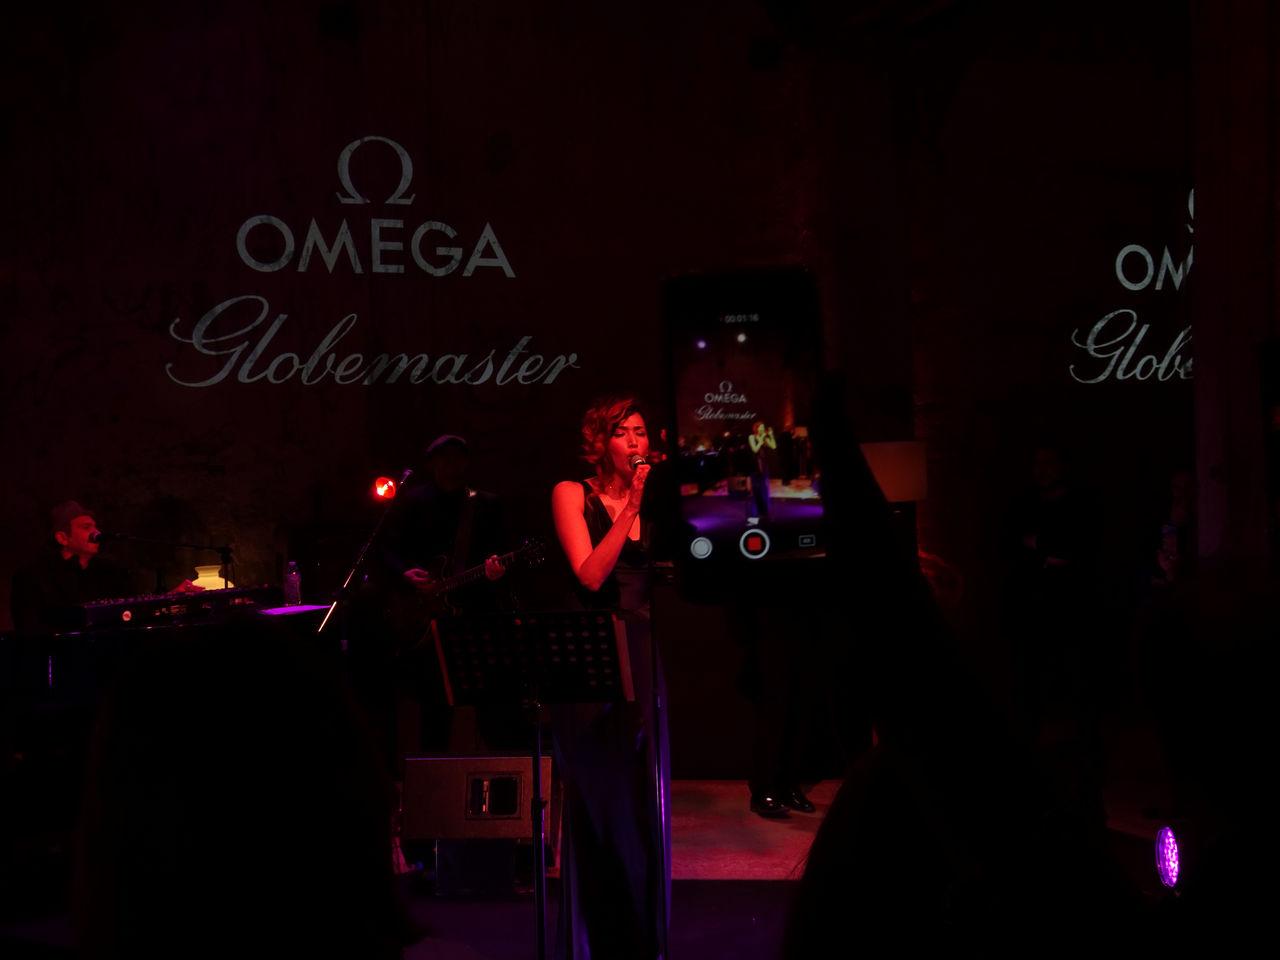 omega-presenta-la-collezione-globemaster-cracco-nina-zilli-milano-metas_0-1008